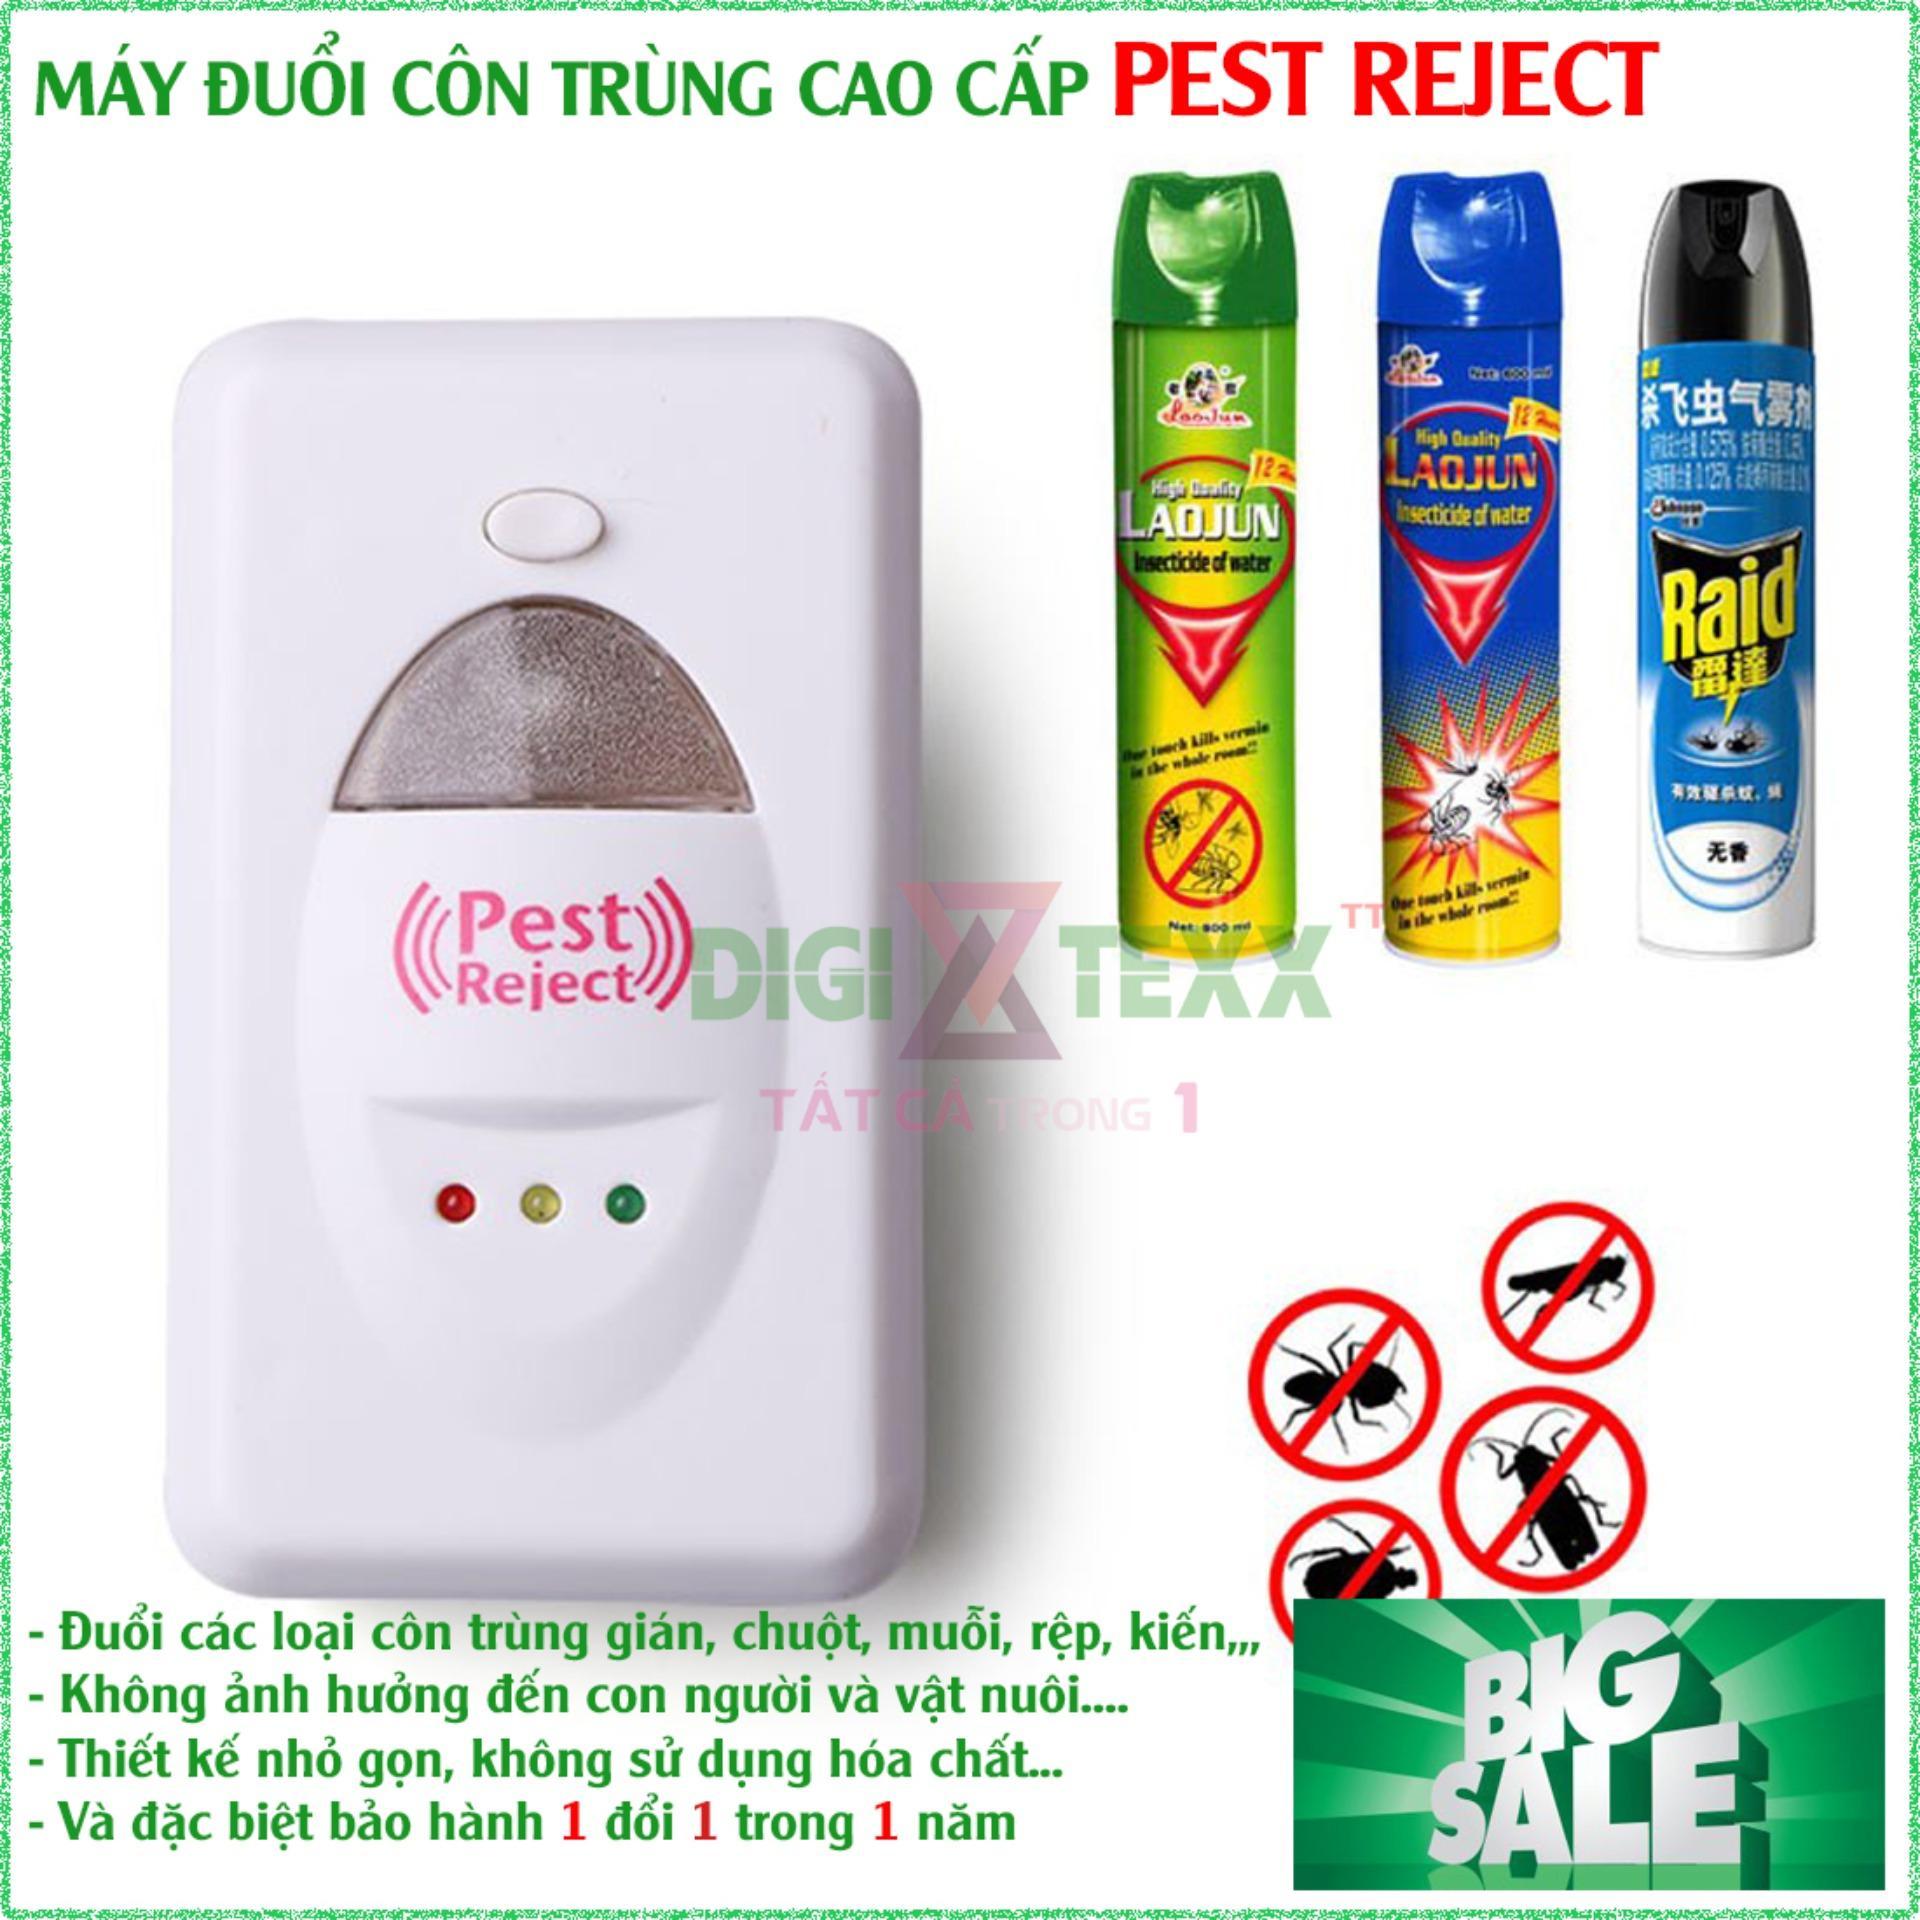 May Duoi Chuot Pest Reject , Máy Đuổi Côn Trùng Loại Tốt, Sử Dụng Công Nghệ Sóng Siêu Âm, Thân Thiện Với Môi Trường Và An Toàn Với Sức Khỏe Cho Gia Đình Bạn